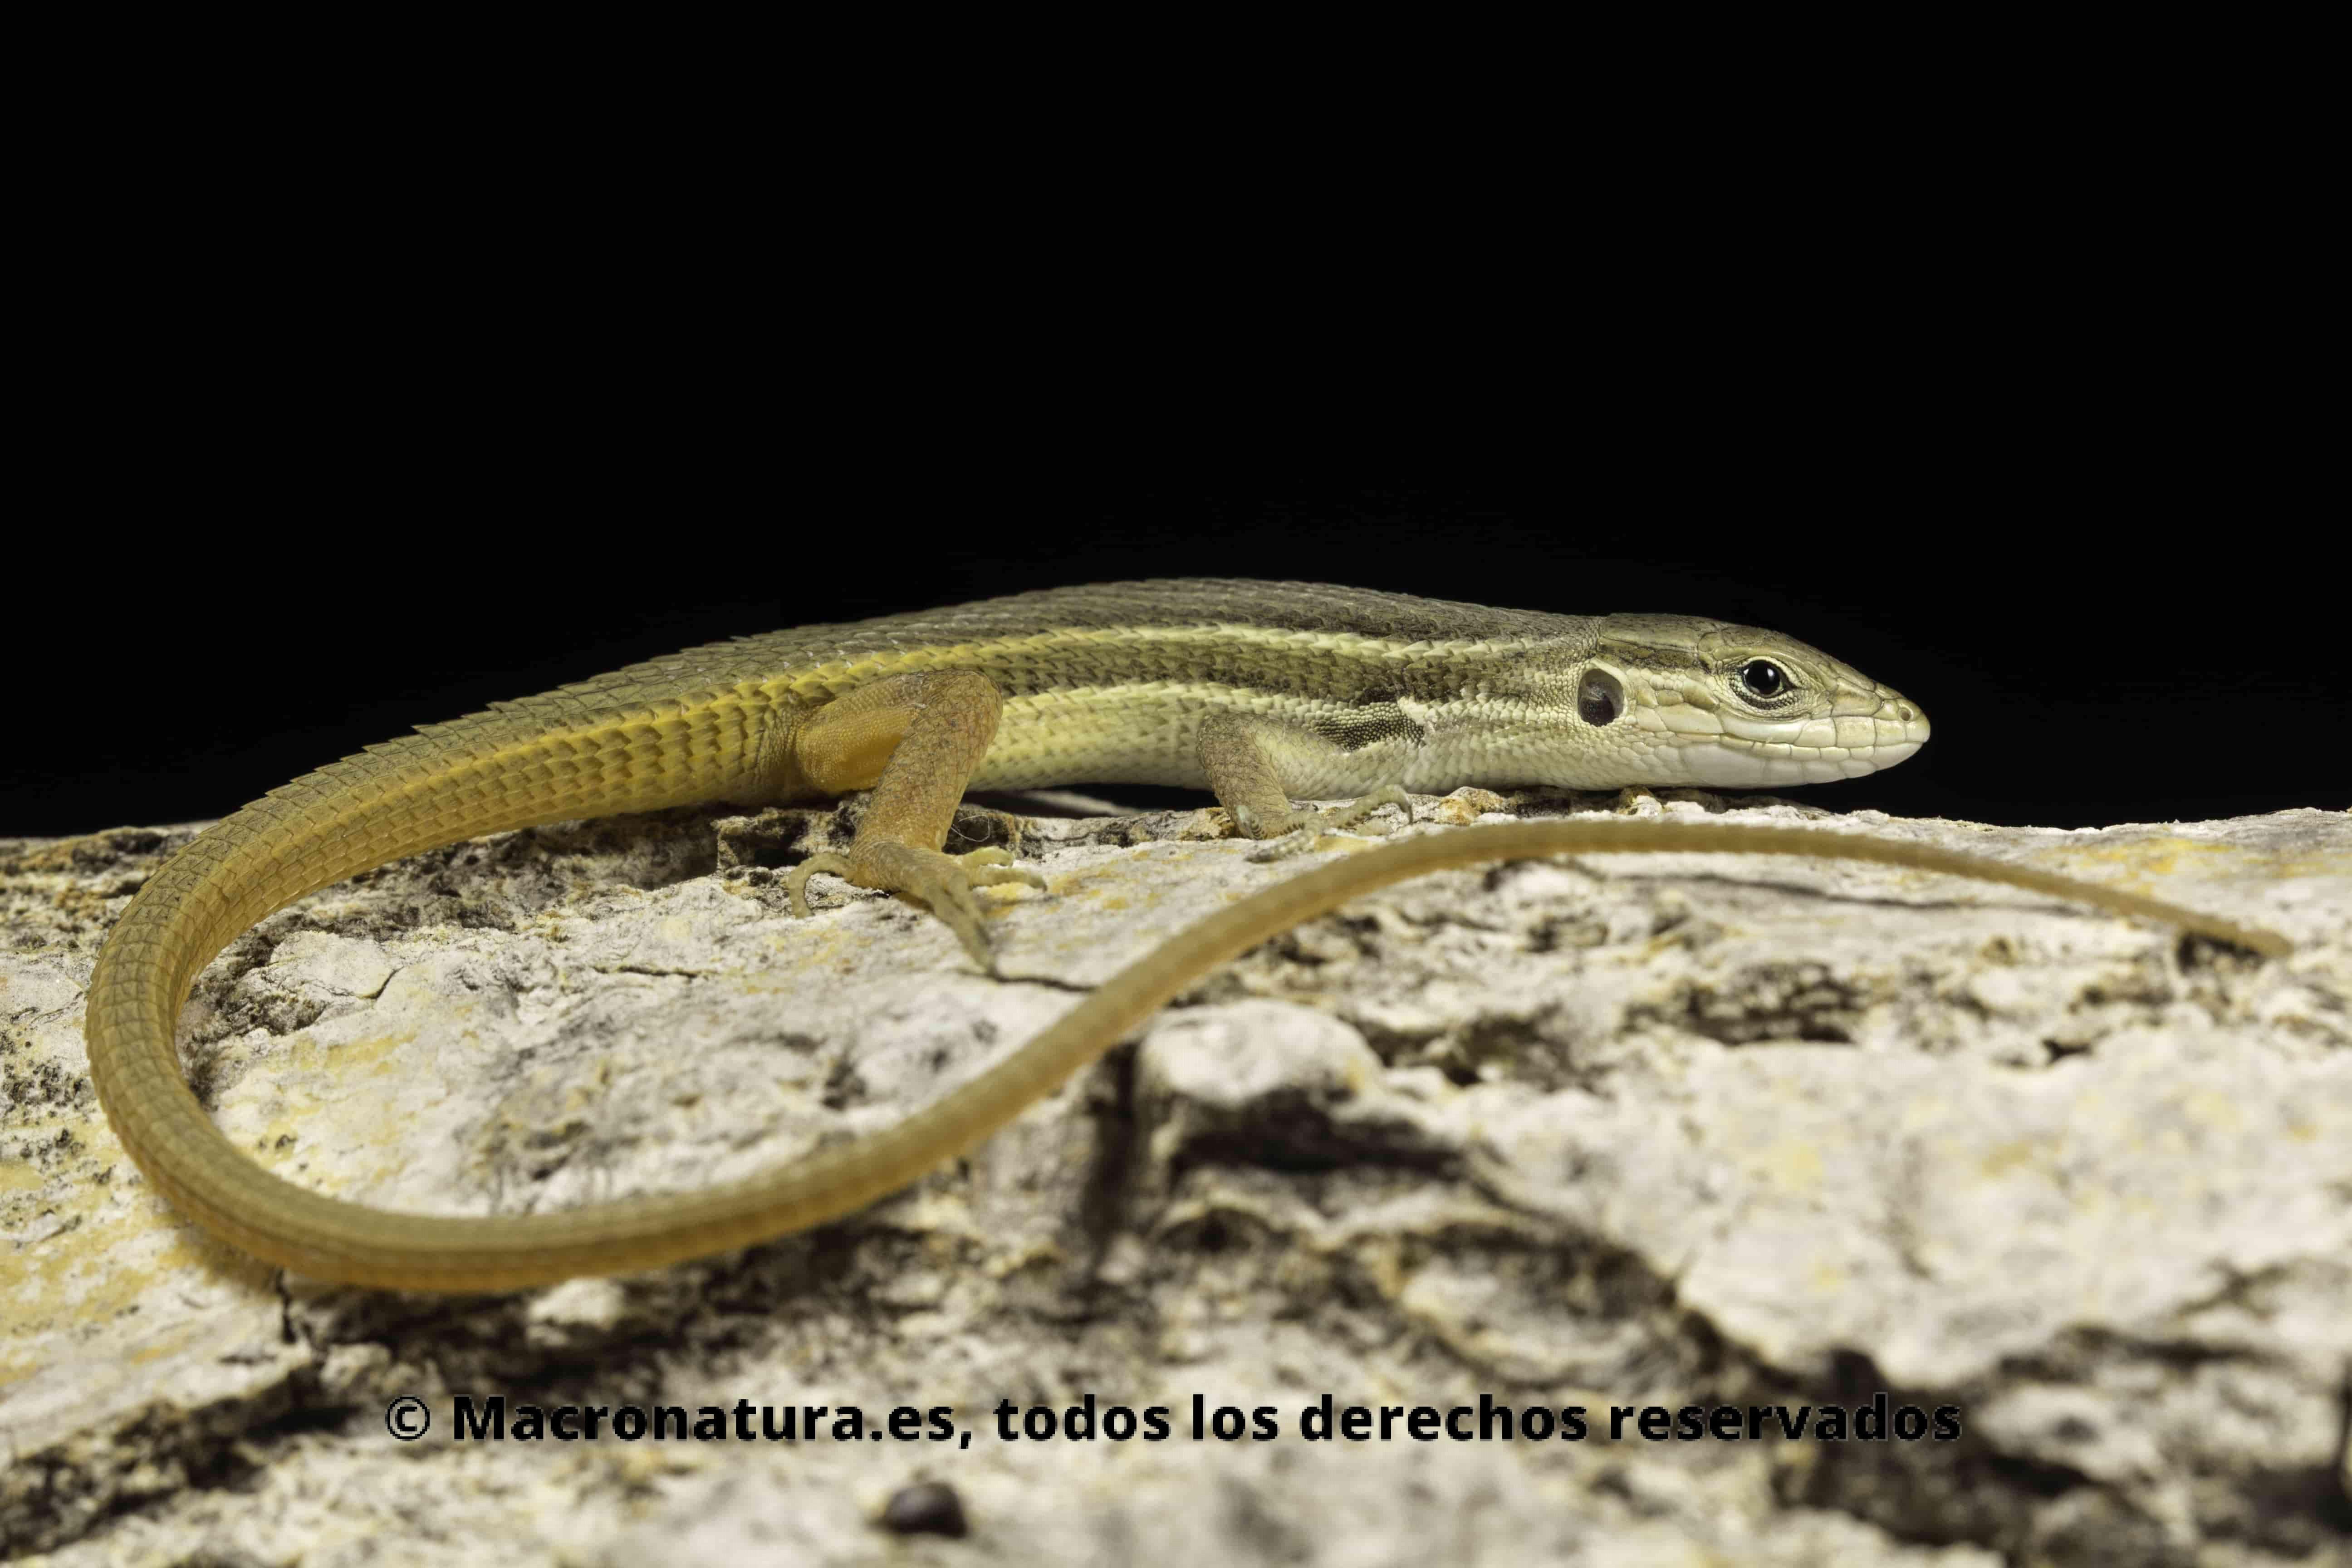 lagartija colilarga (Psammodromus algirus) sobre una piedra en un fondo negro. Se observa todo su cuerpo incluido el rabo